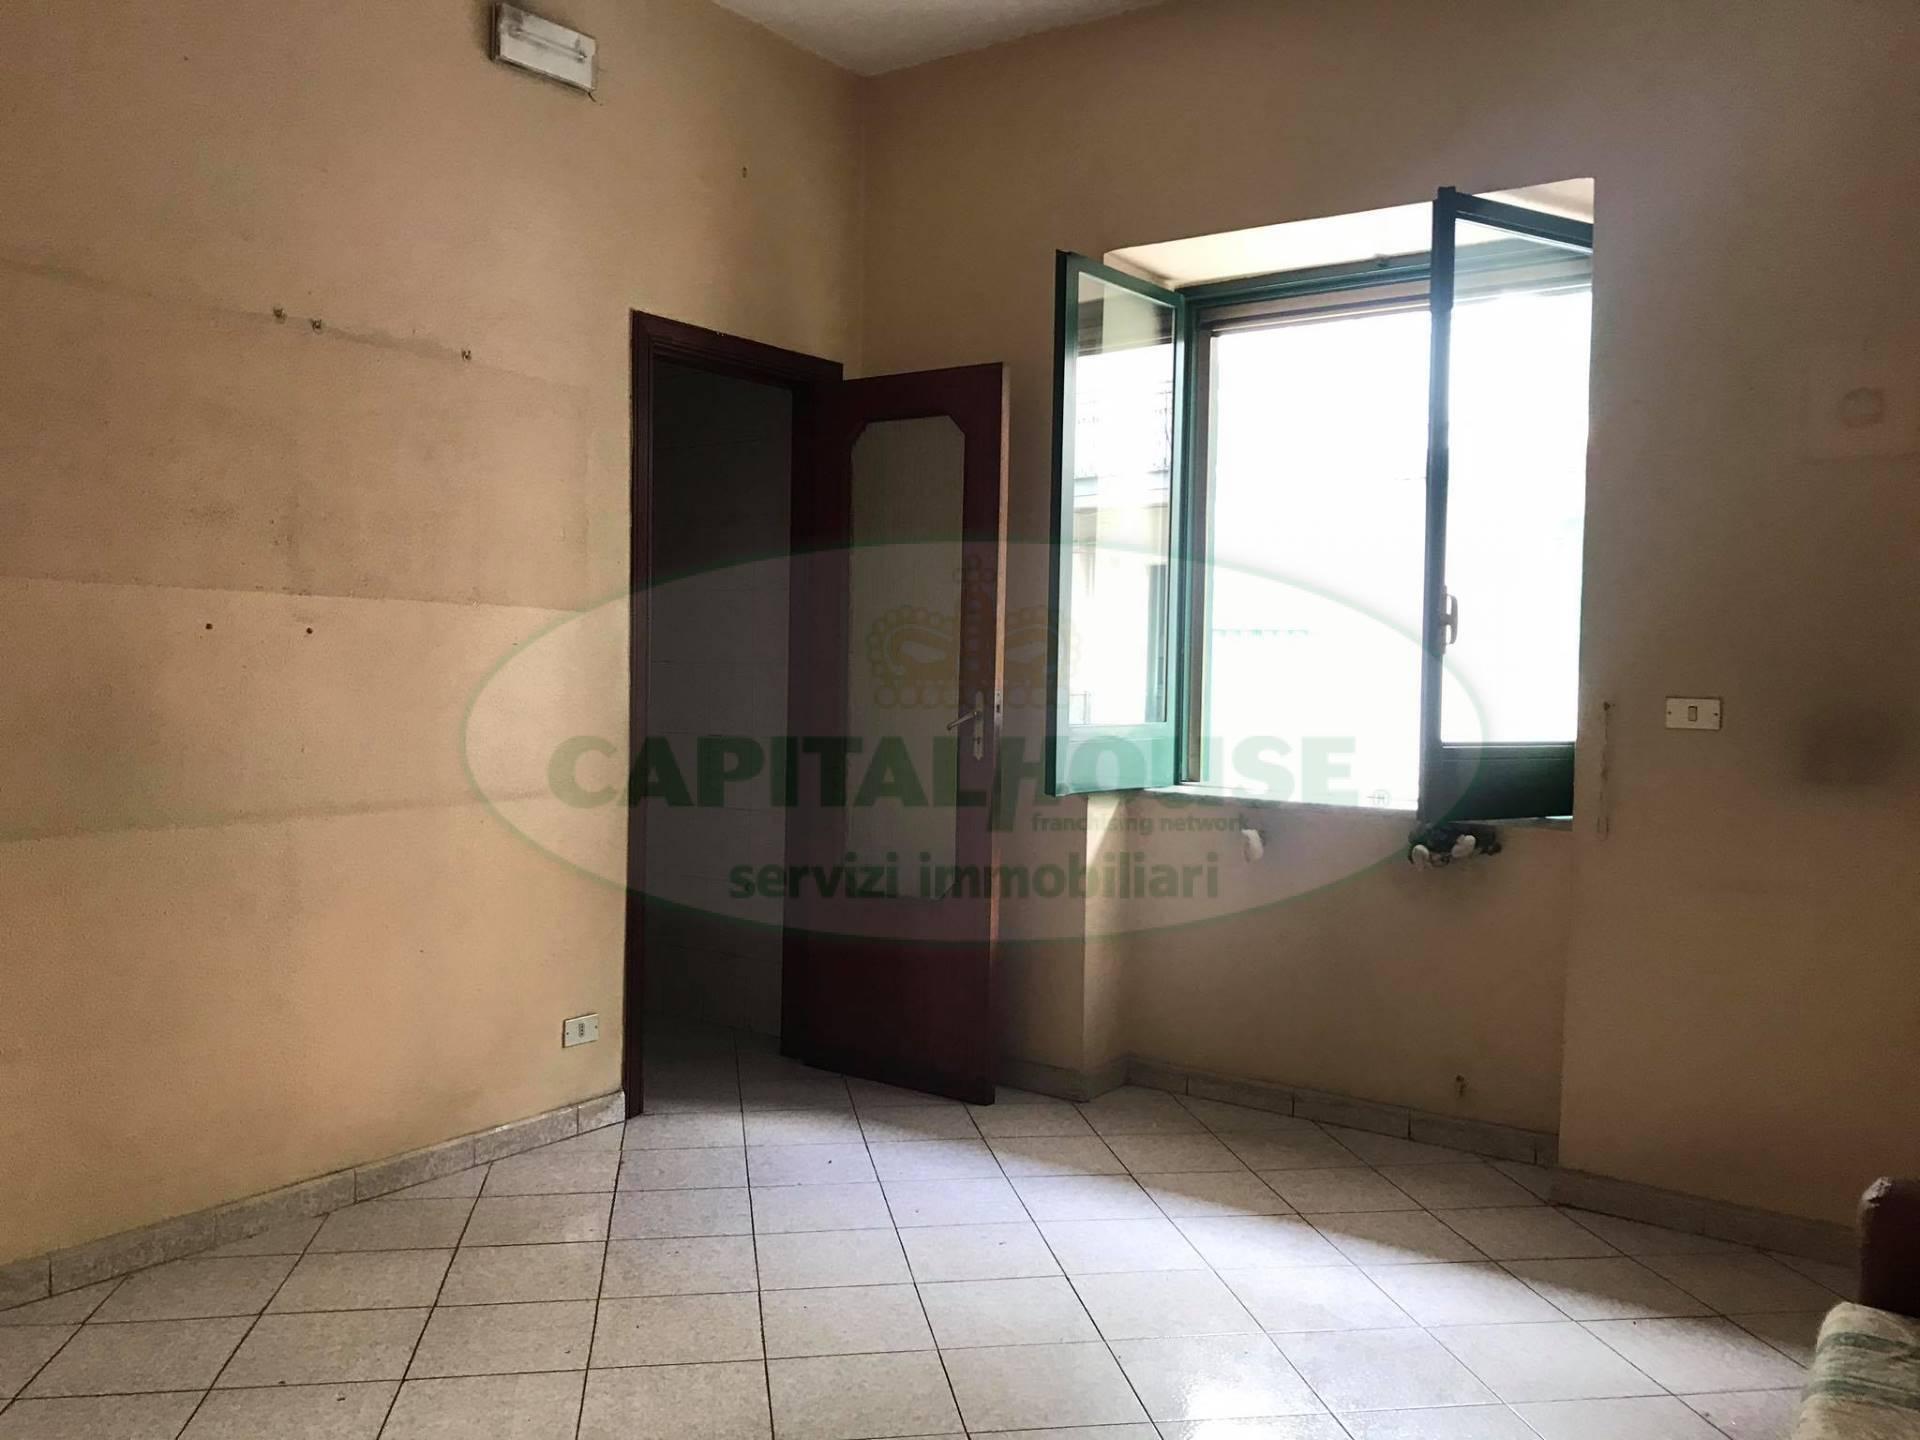 Appartamento in affitto a Afragola, 3 locali, zona Località: ZonaSanMichele, prezzo € 420 | CambioCasa.it